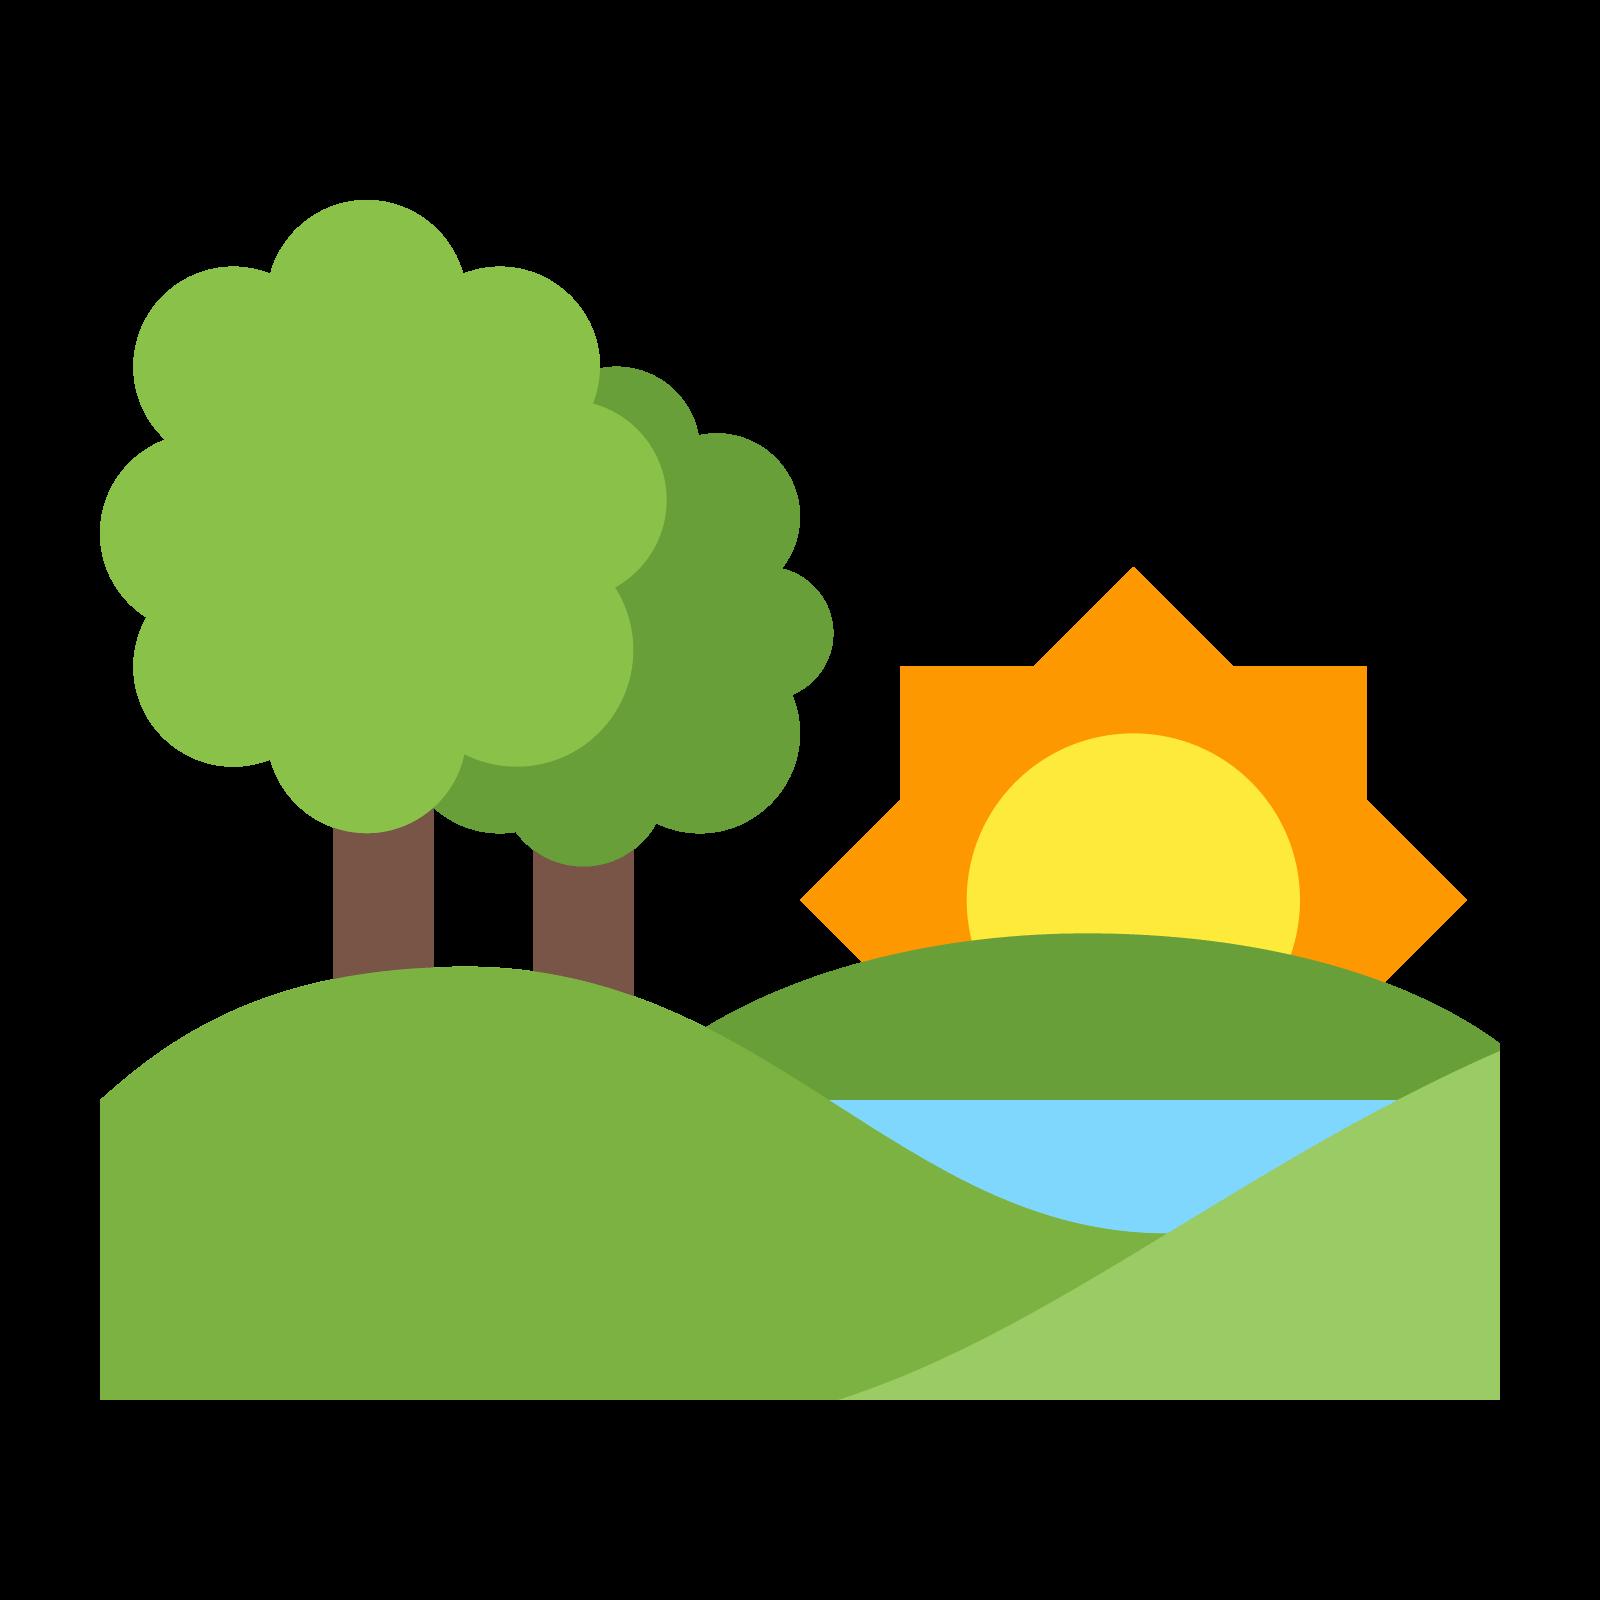 clip art download hill vector nature #113577110